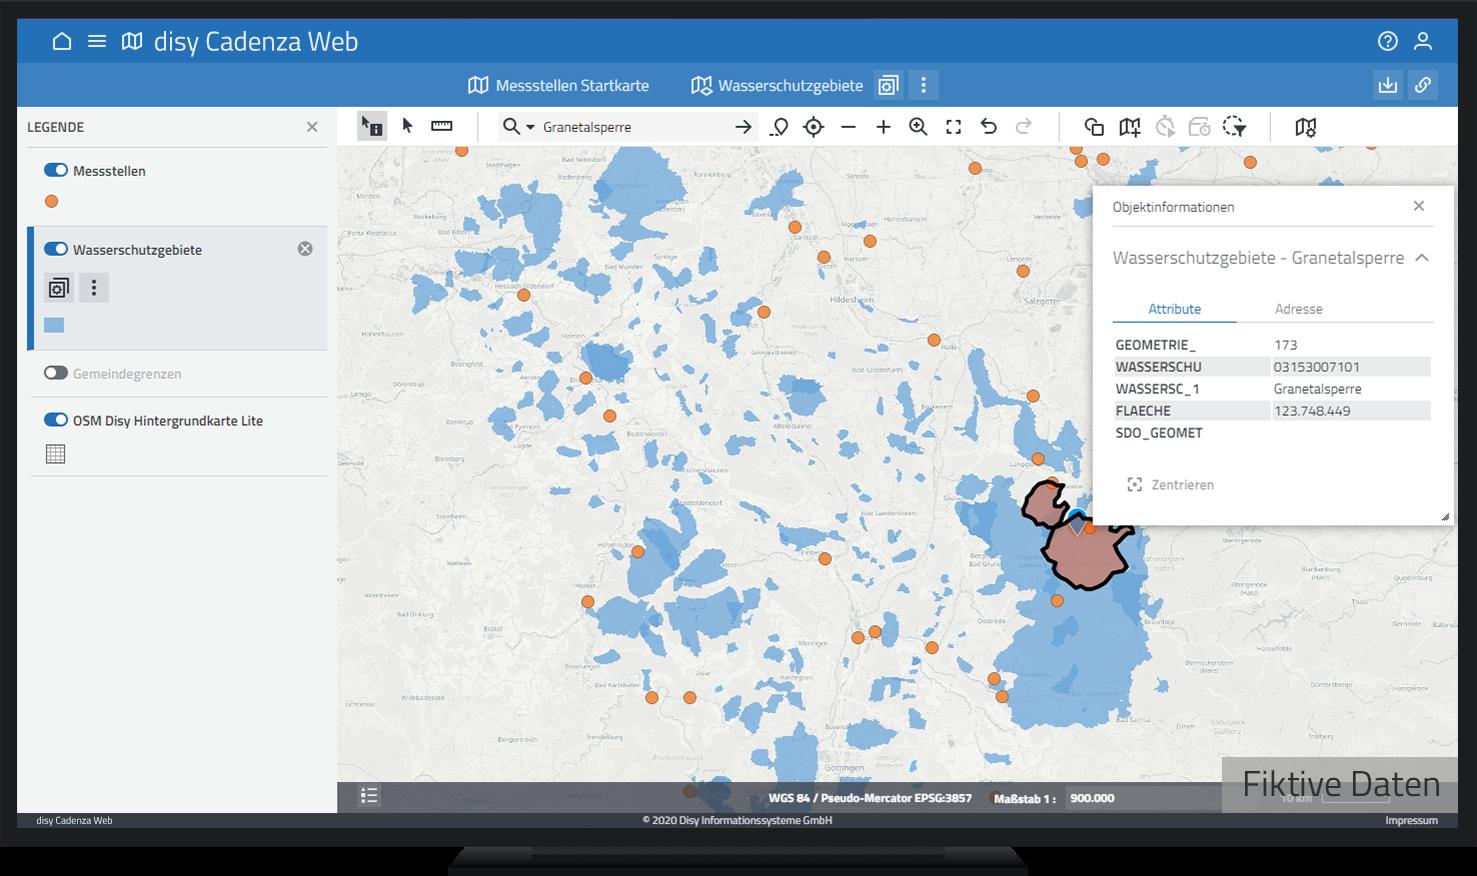 Objektinformationen zum Wasserschutzgebiet Granetalsperre in Cadenza Web